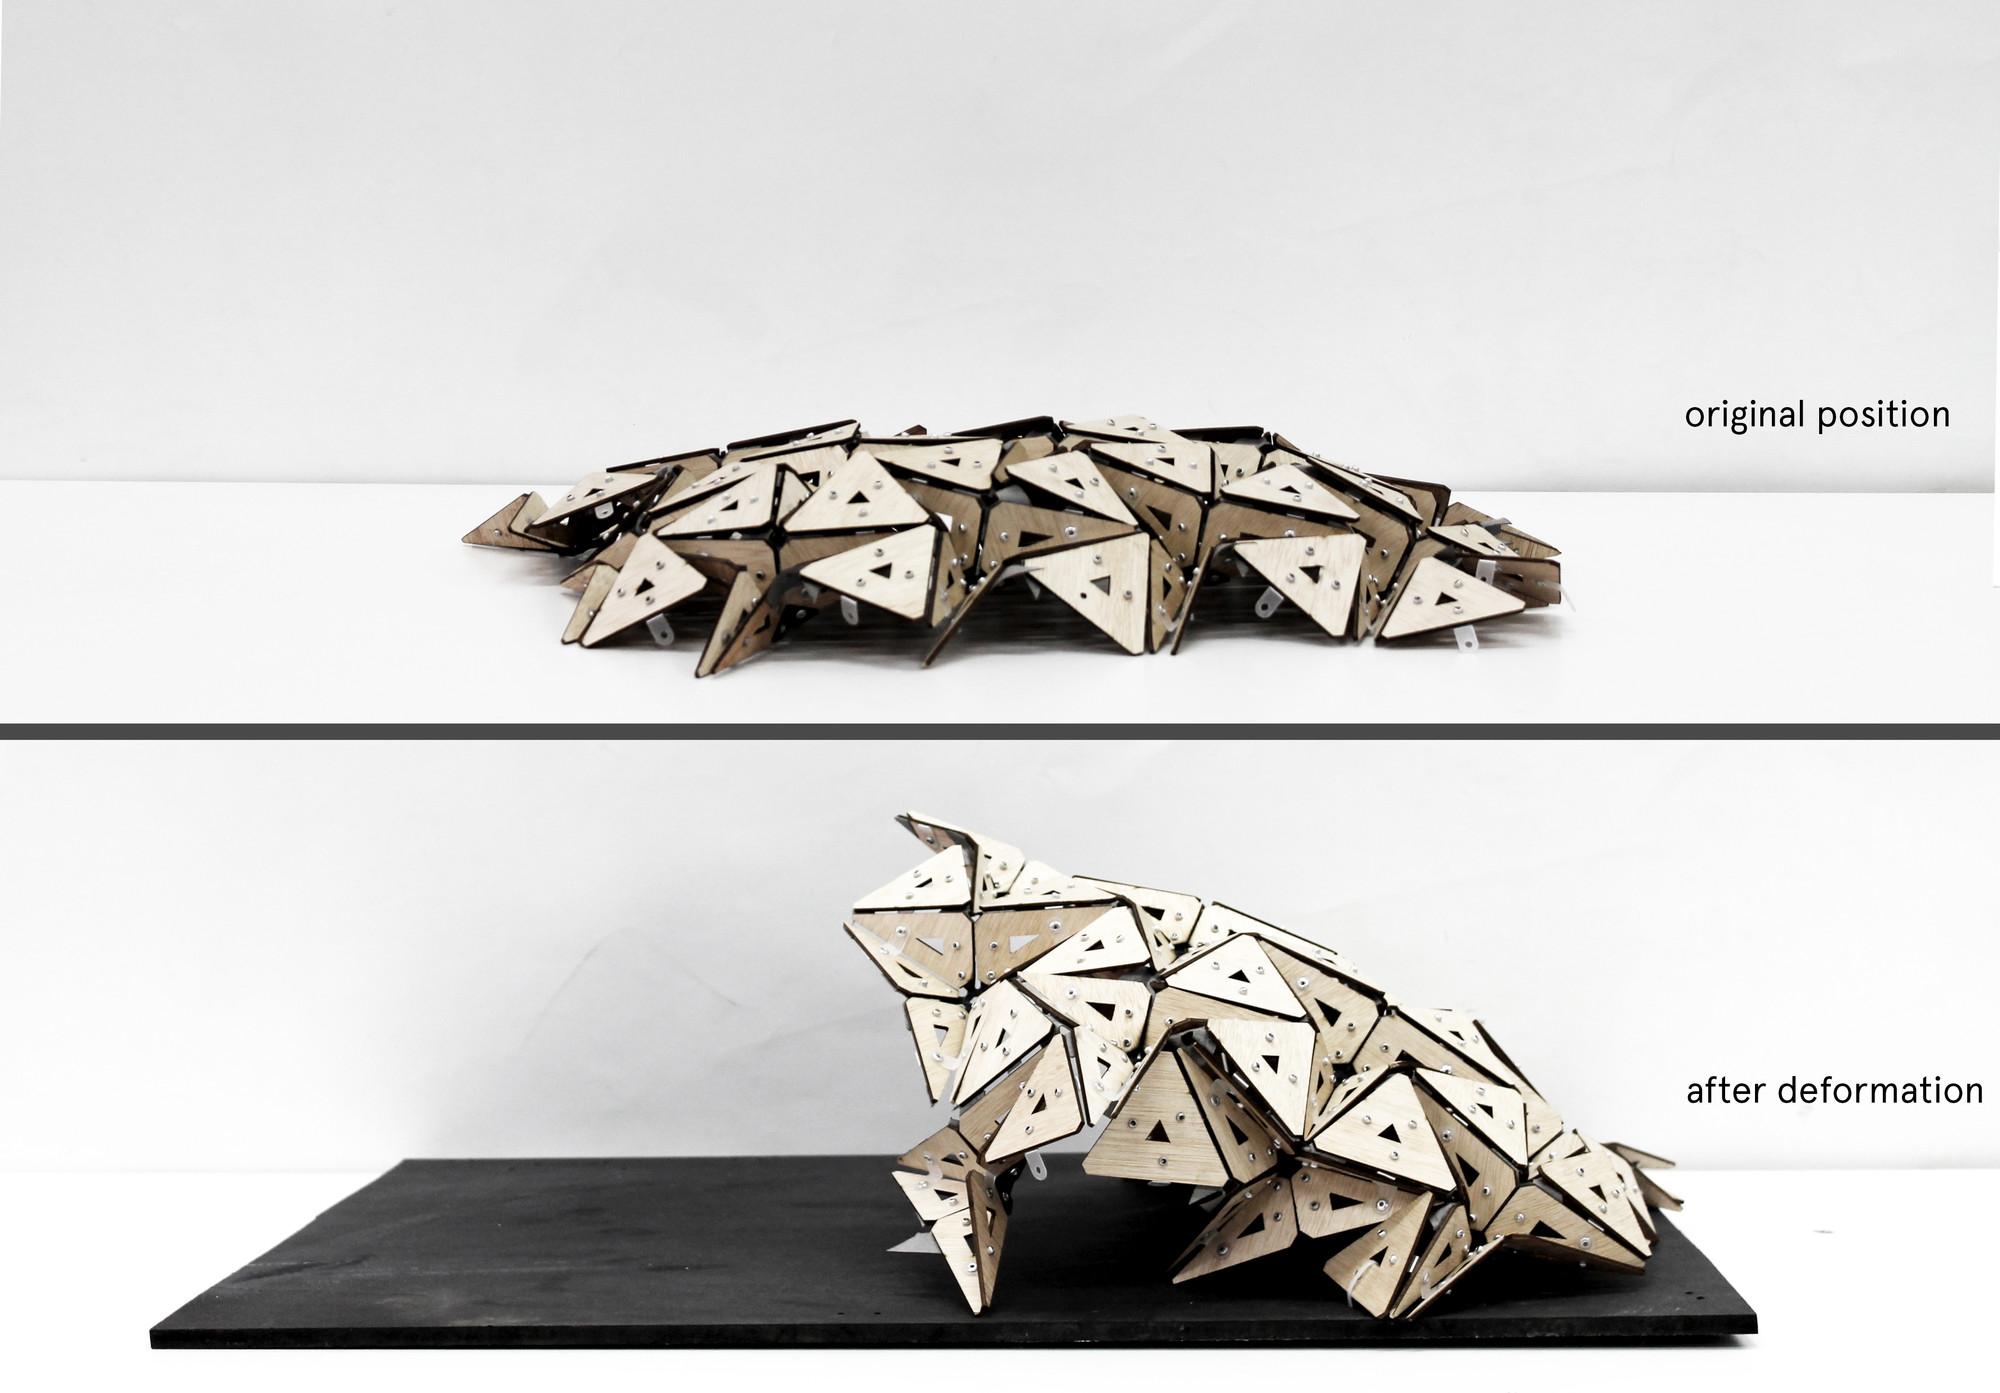 Deformación Prototipo. Image Cortesia de © IaaC (Instituto de Aquitectura Avanzada de Catalunya) / Ece Tankal, Efilena Baseta, Ramin Shambayati